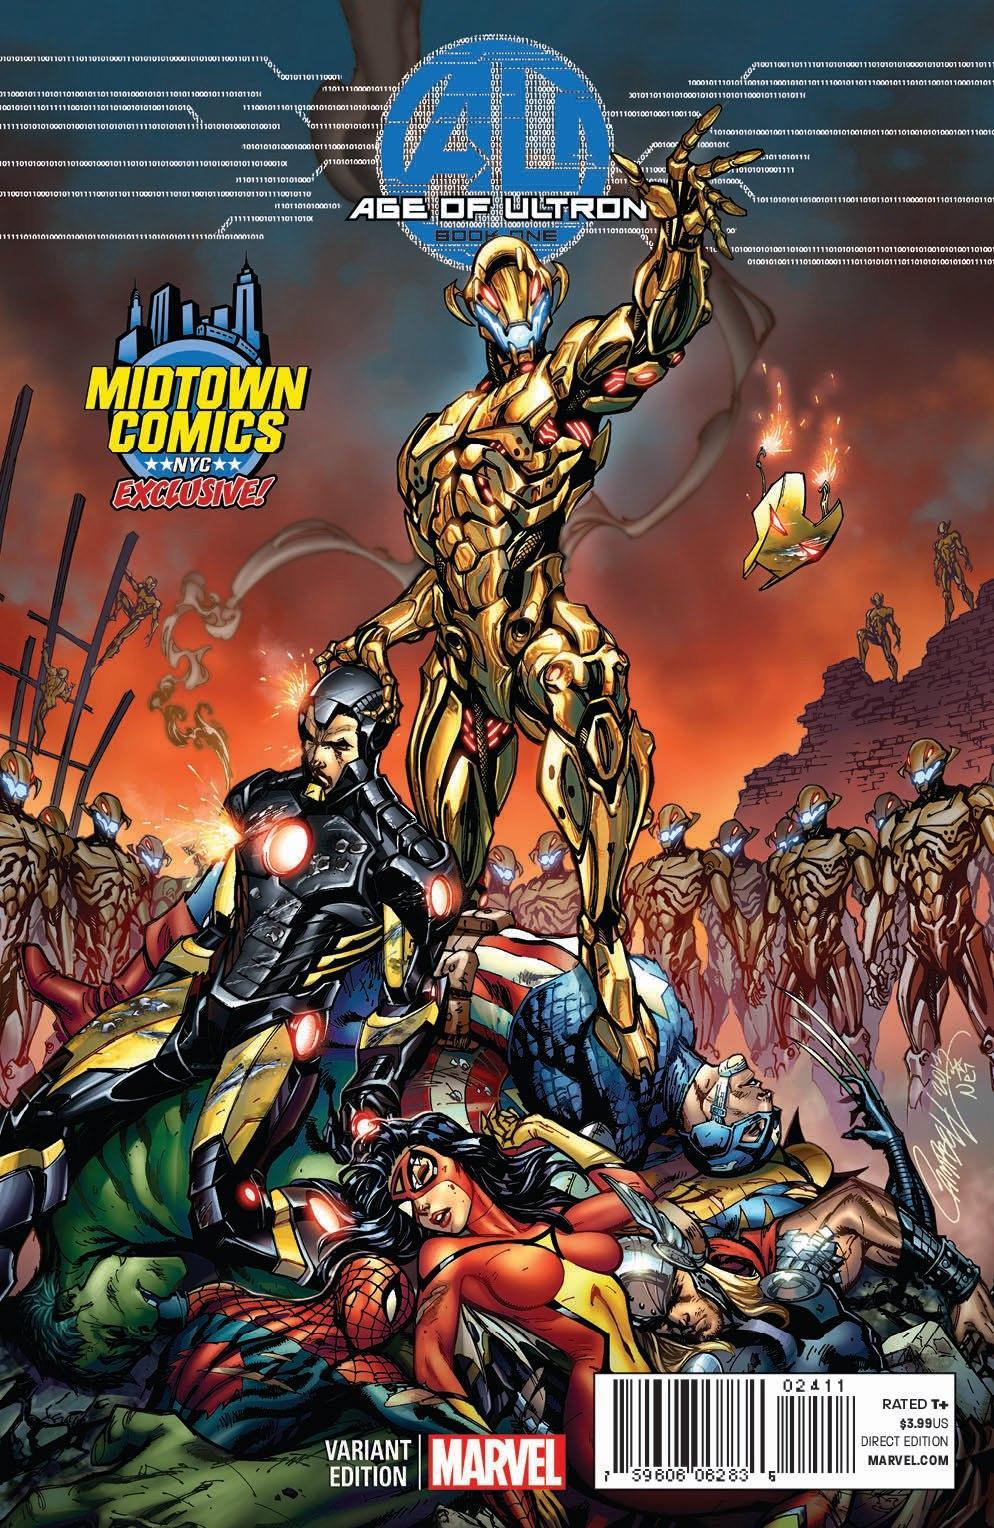 Campbell Midtown Comics